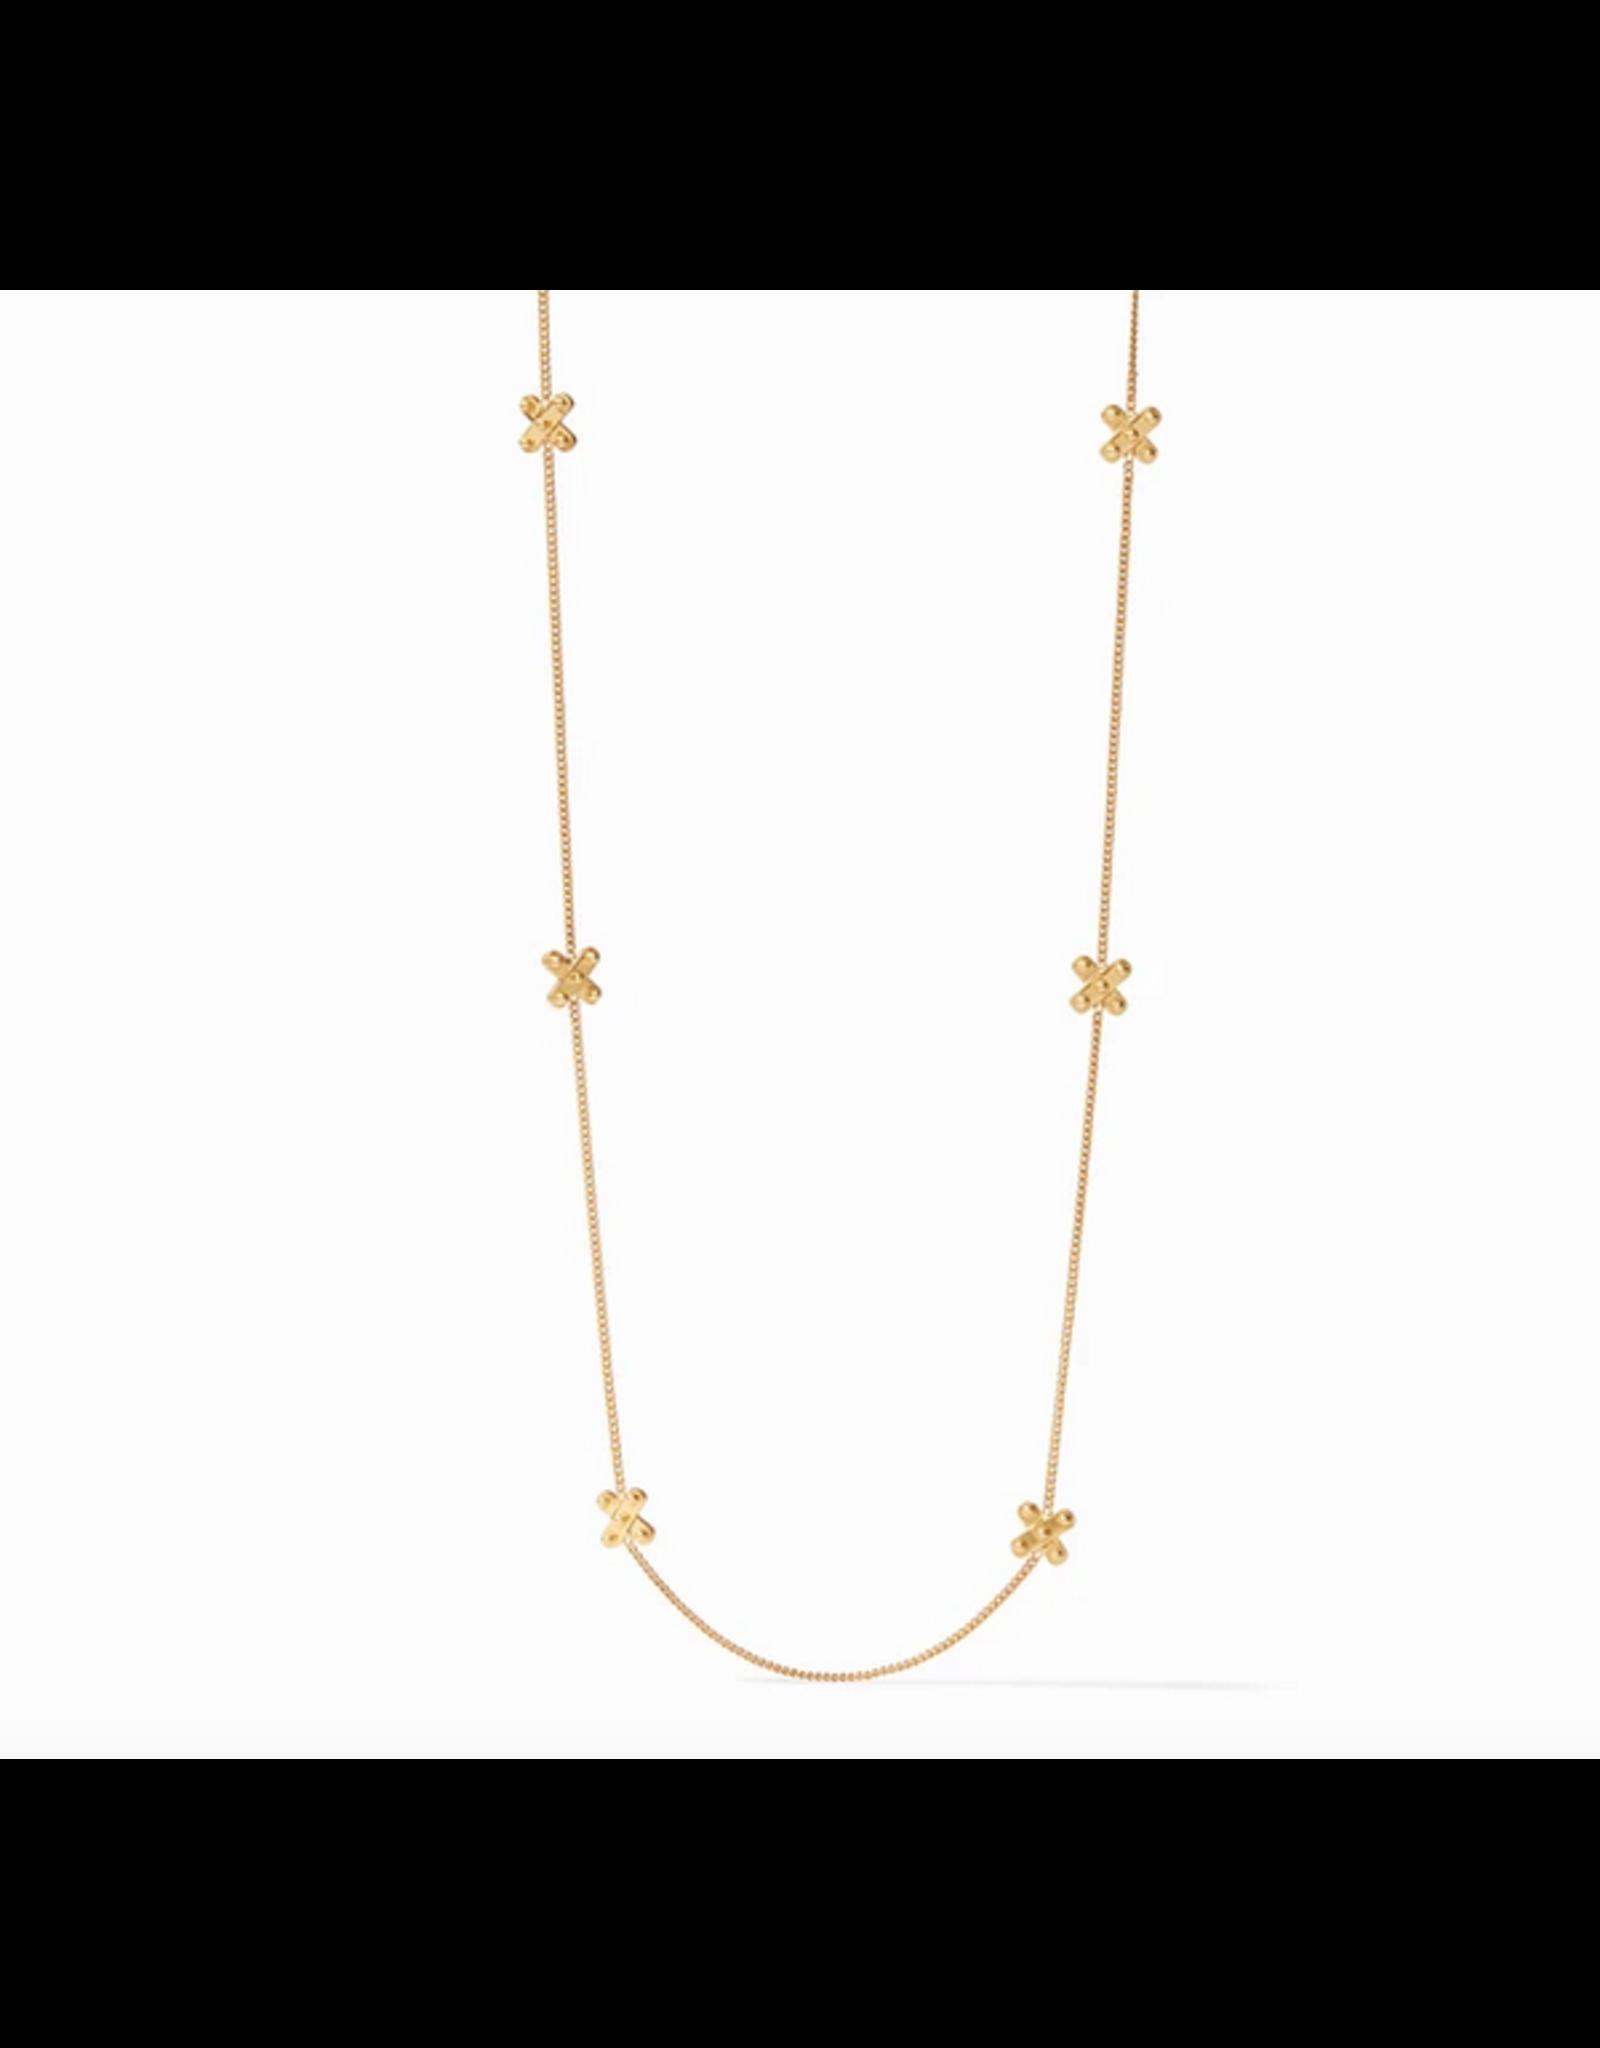 Julie Vos SoHo Station Necklace in Gold by Julie Vos